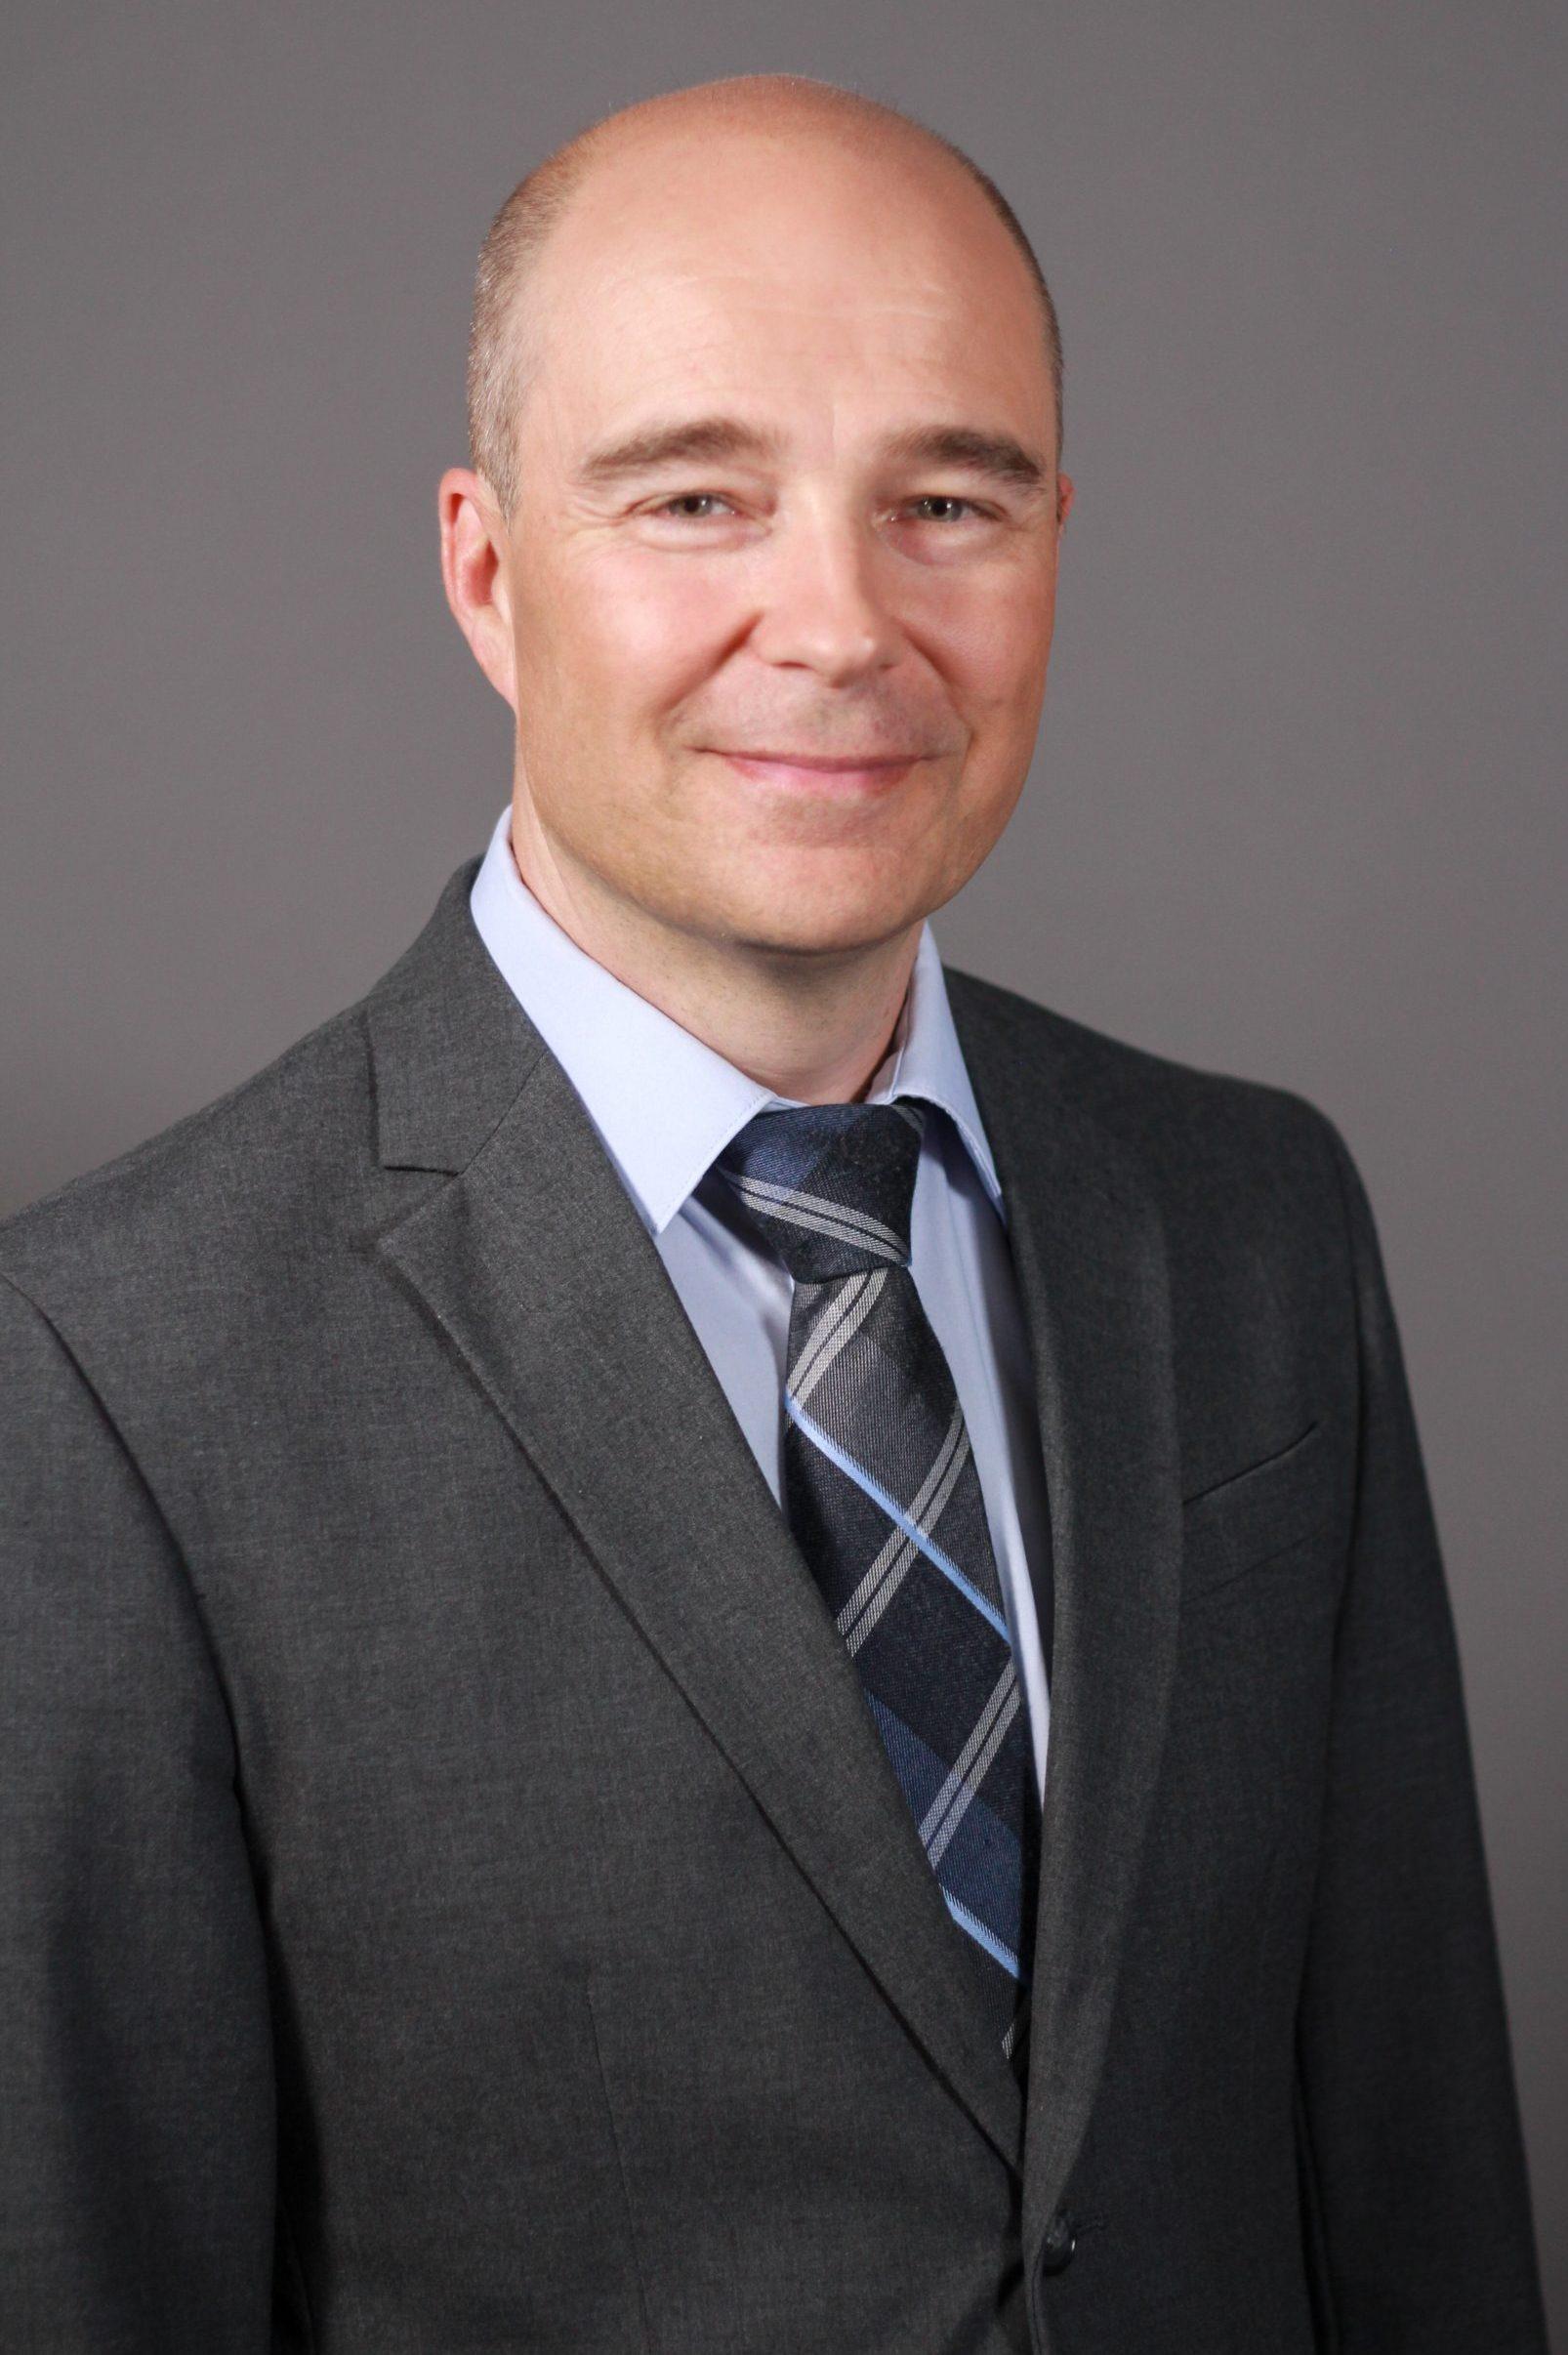 Petri Rytkönen